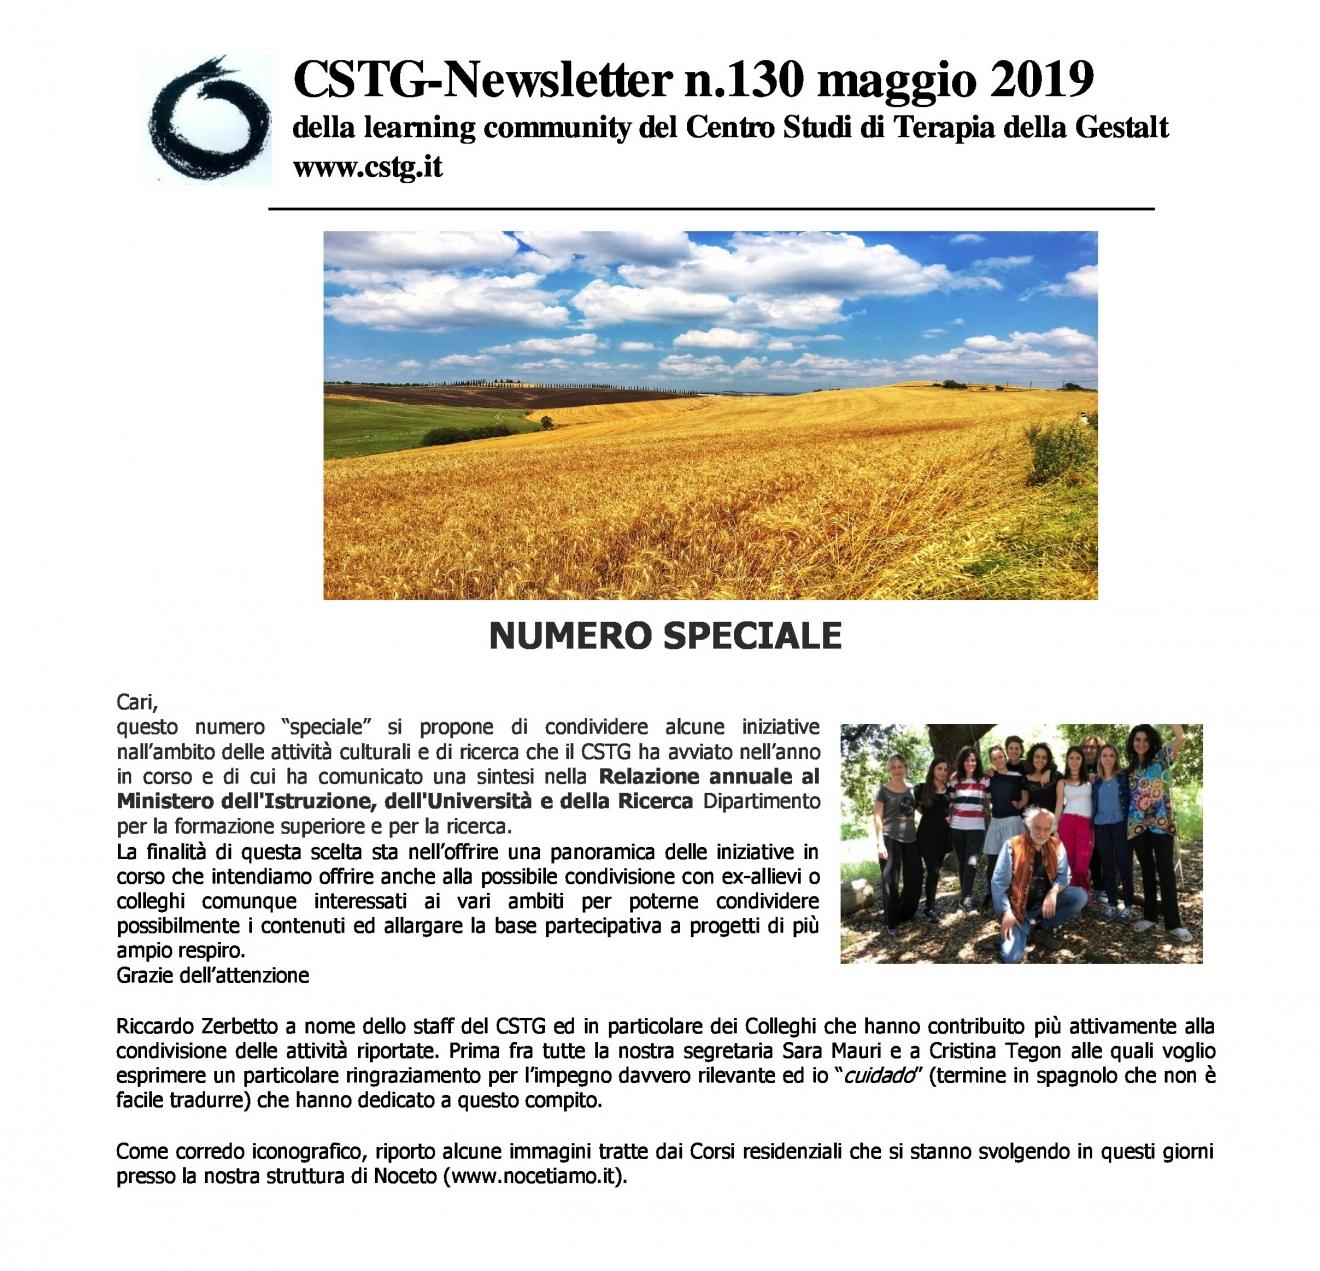 Pagine da Newsletter_130 Maggio 2019 uv(2)(1)-page-0